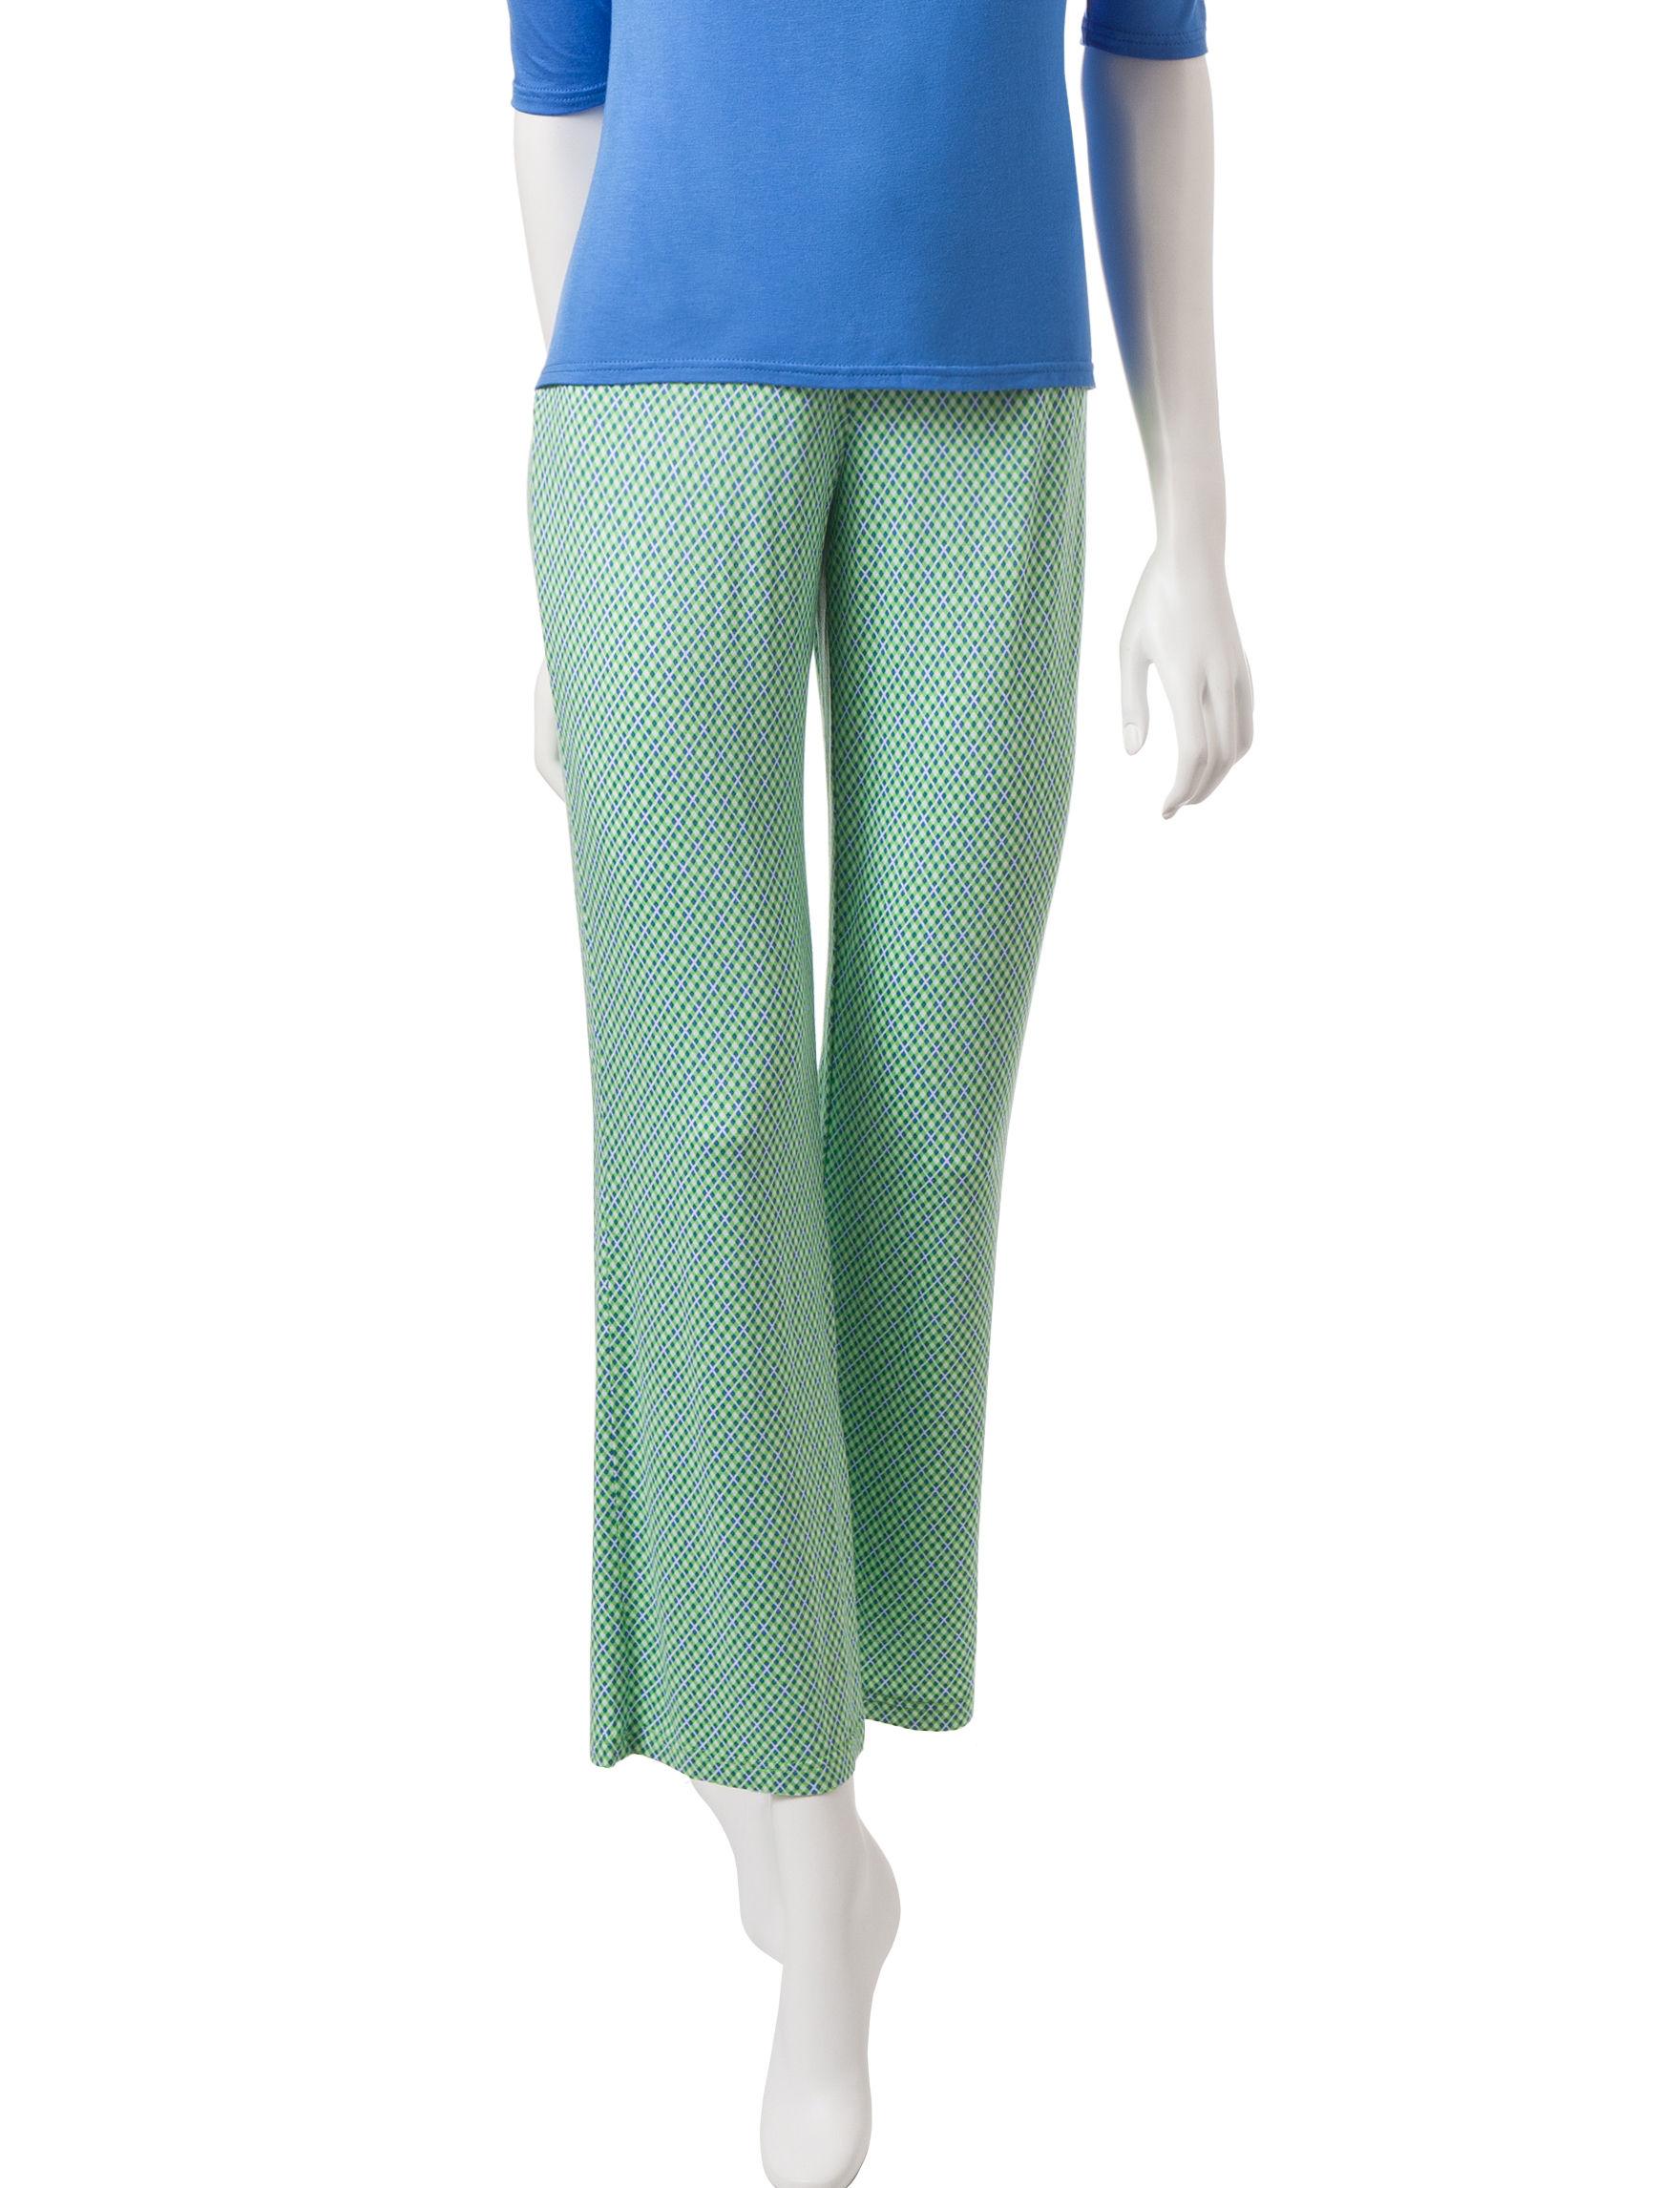 Lissome Lime Pajama Bottoms